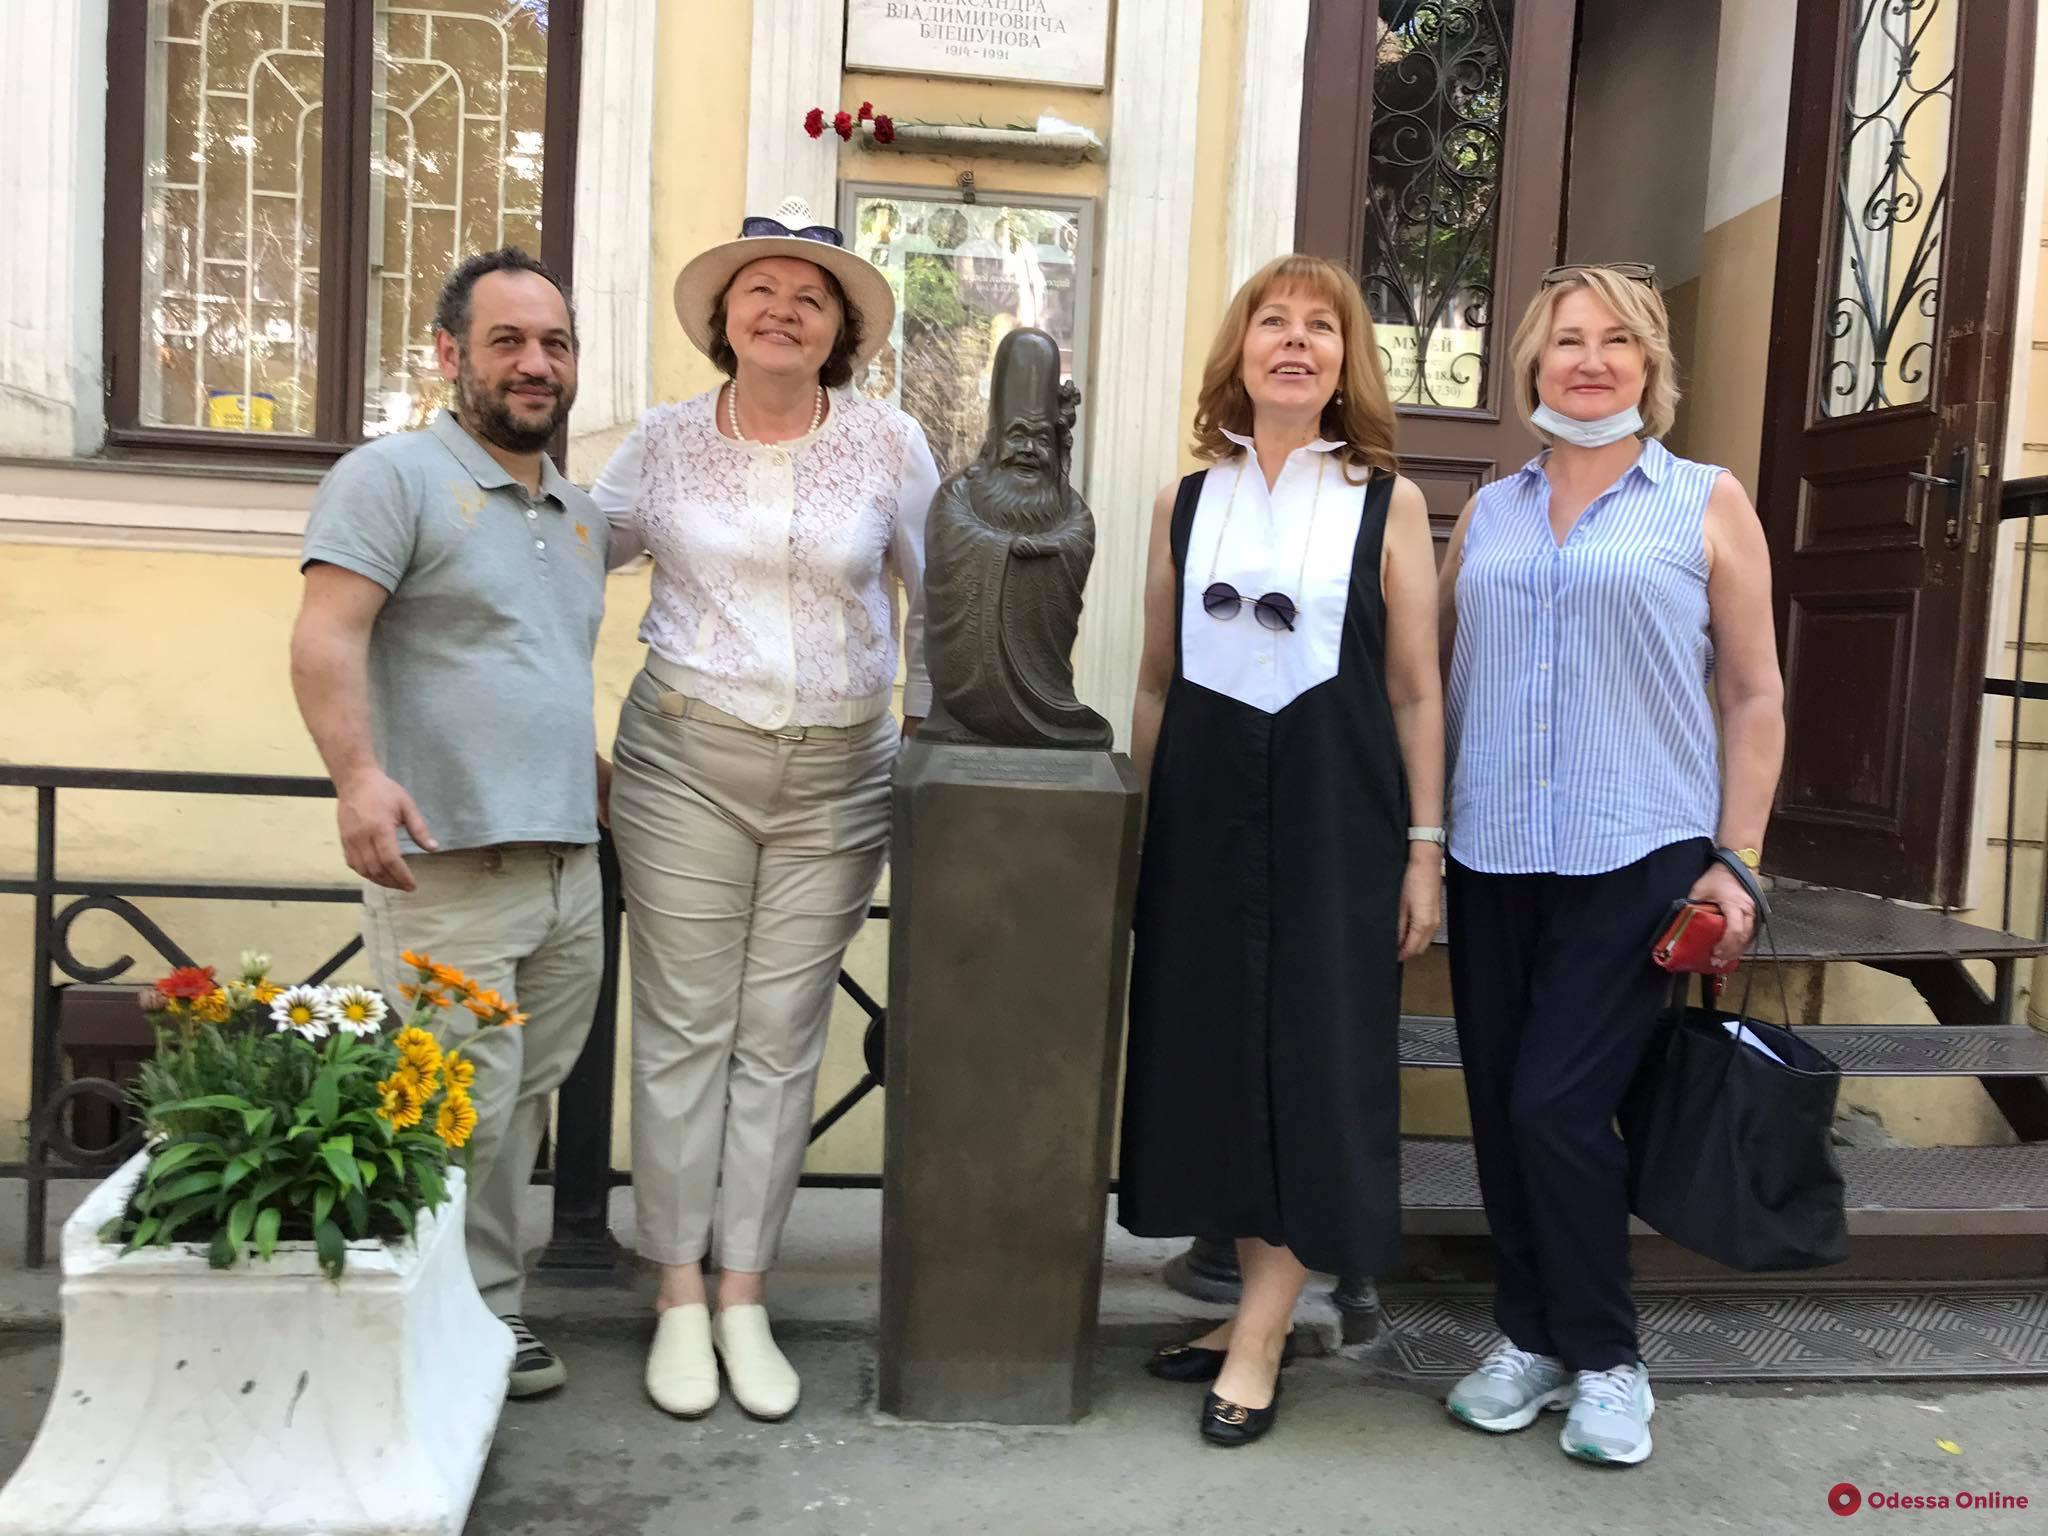 Возле одесского музея появилась исполняющая желания скульптура